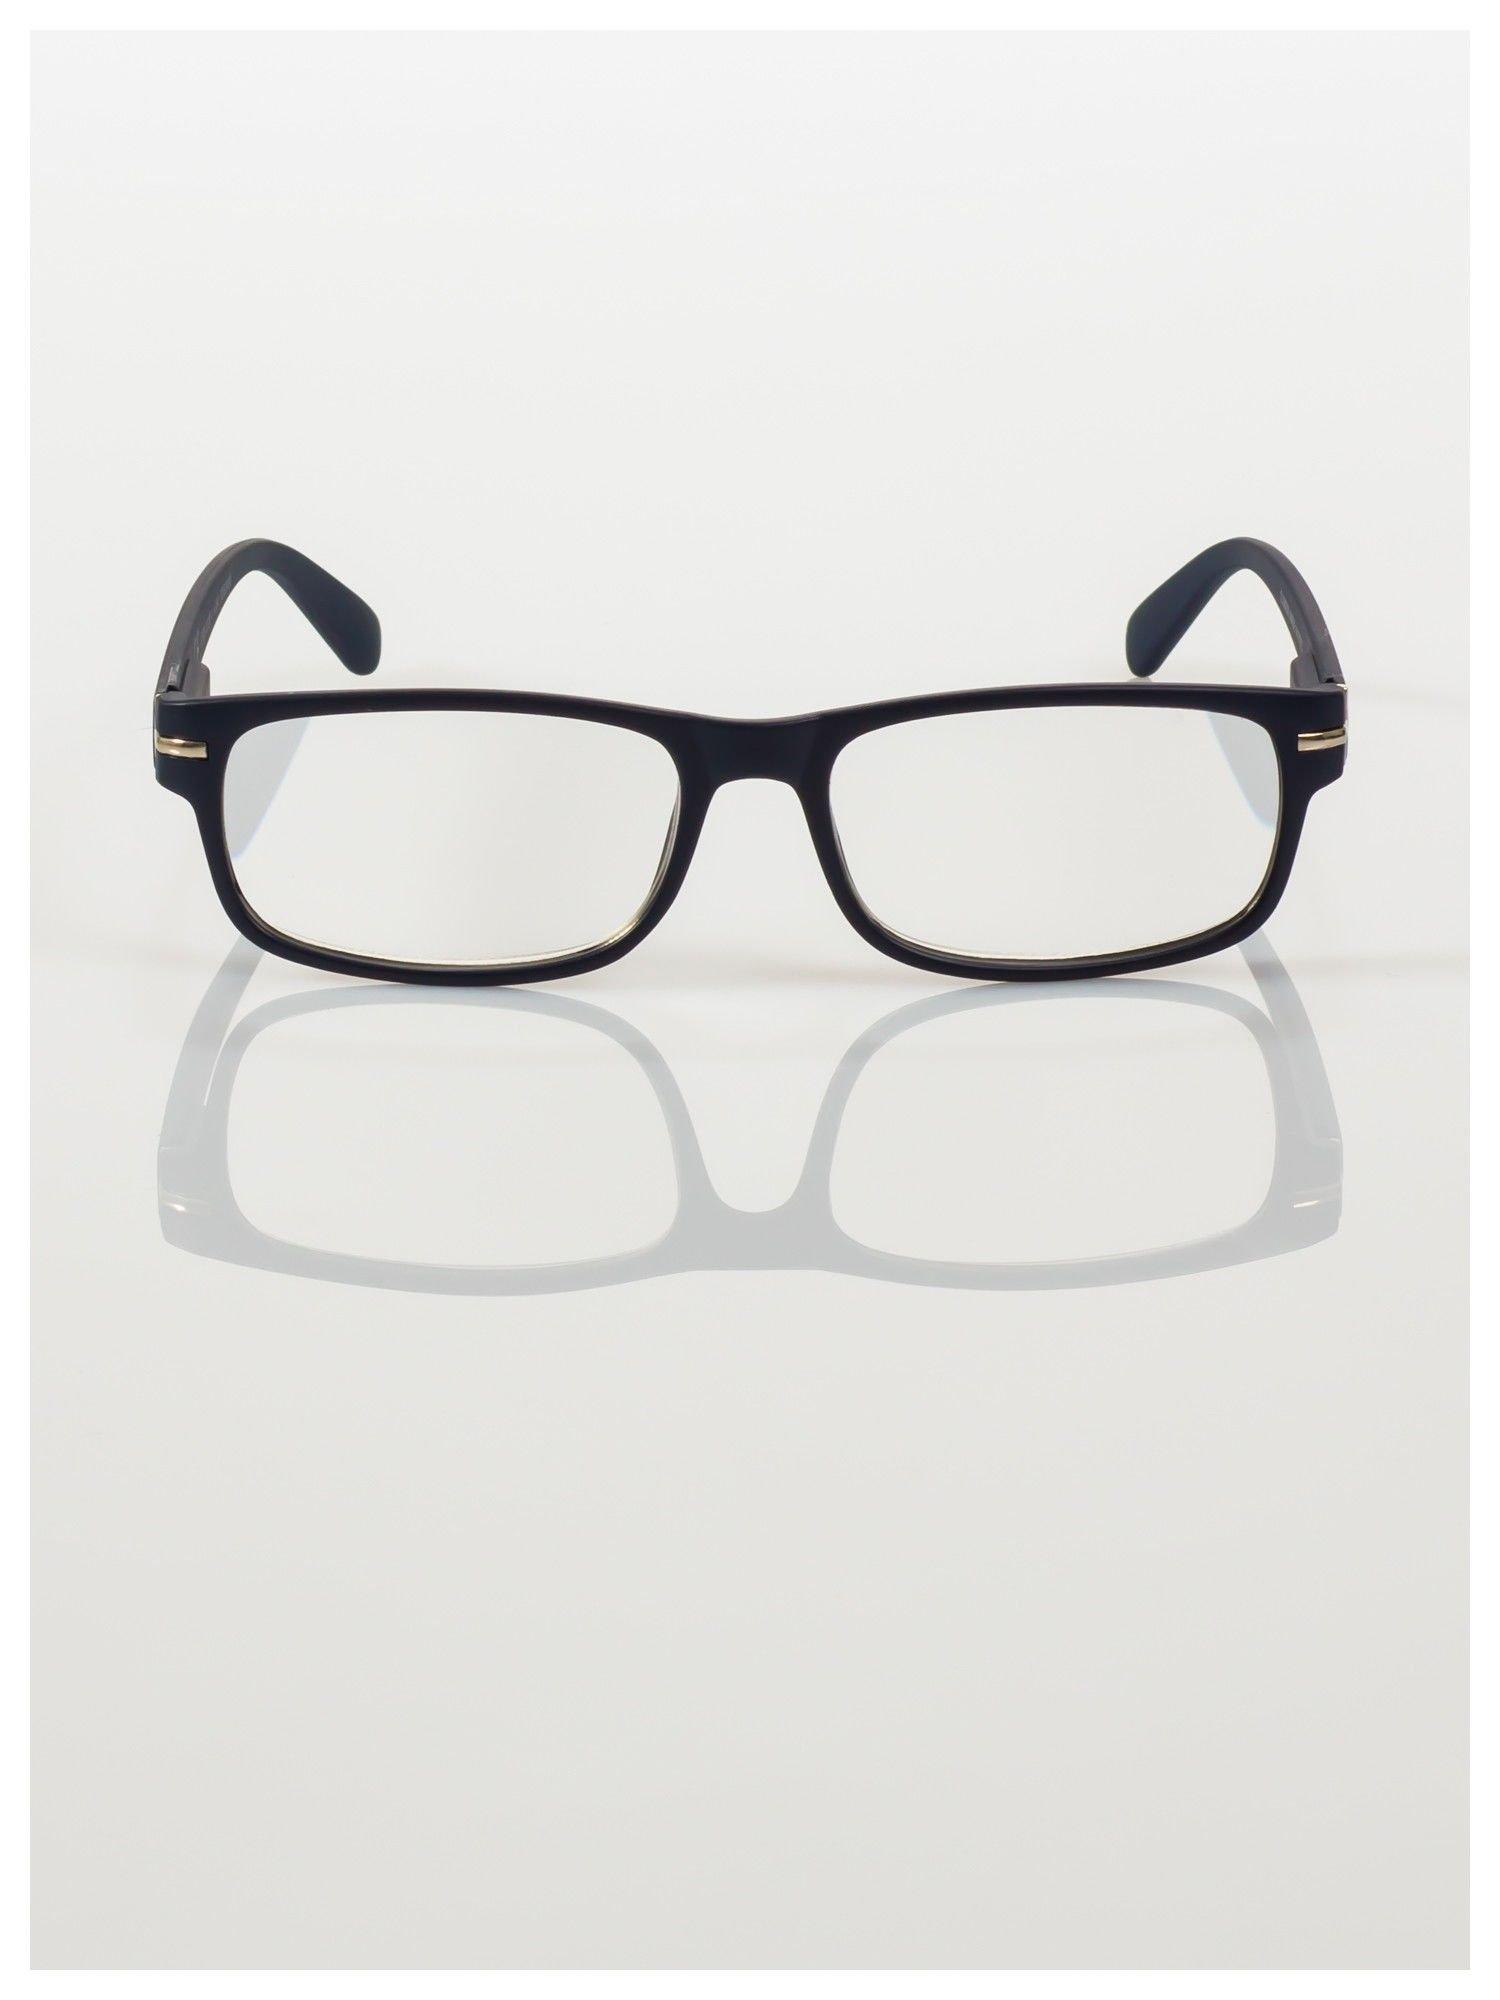 Eleganckie granatowe matowe korekcyjne okulary do czytania +4.0 D  z sytemem FLEX na zausznikach                                  zdj.                                  3